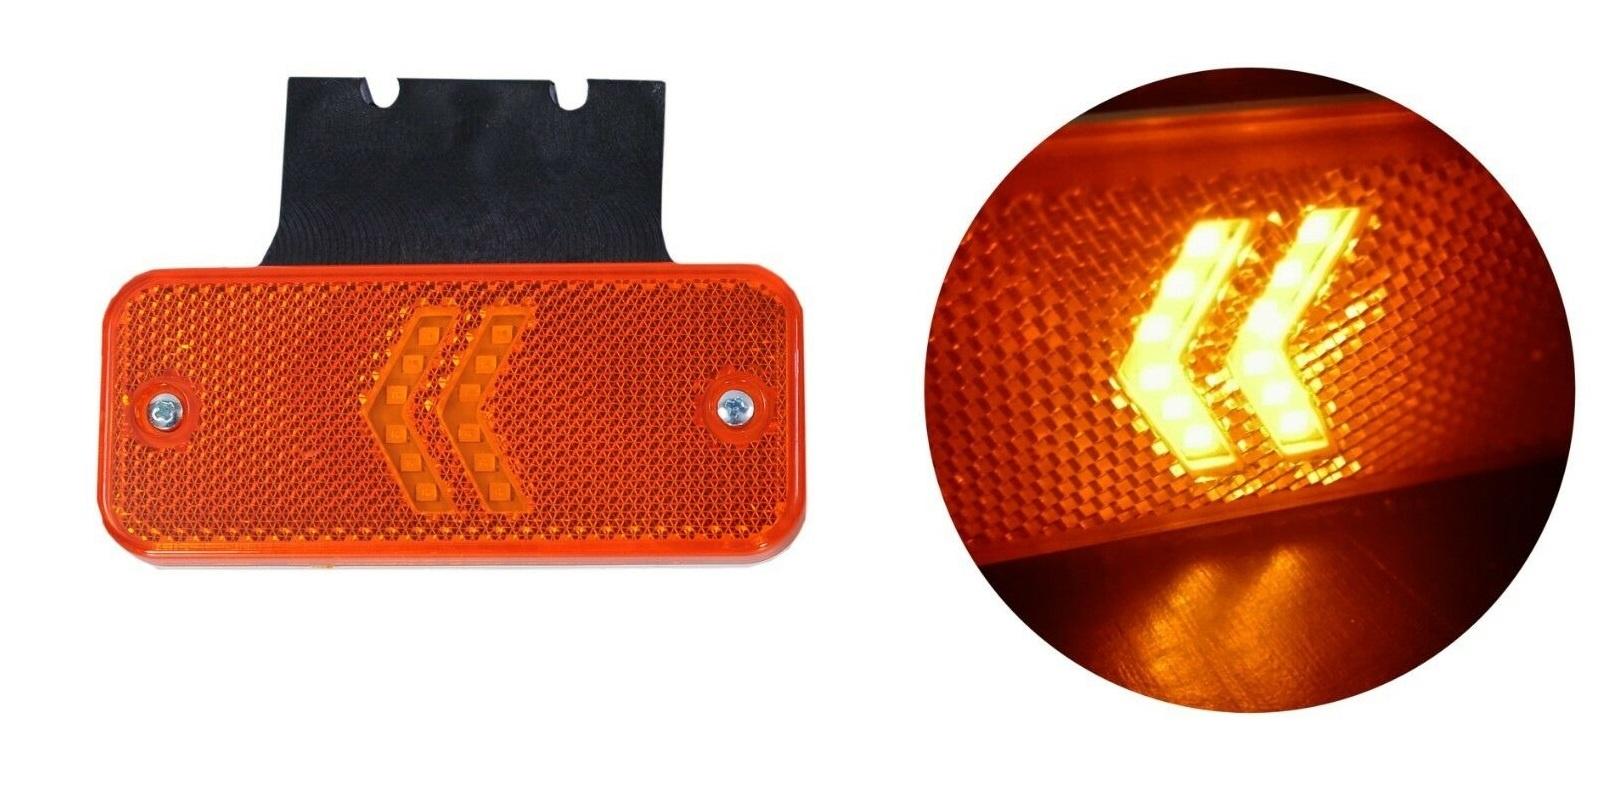 LED Φωτιστικό Πλευρικής Σήμανσης με Βάση και Βέλη 12V 24V